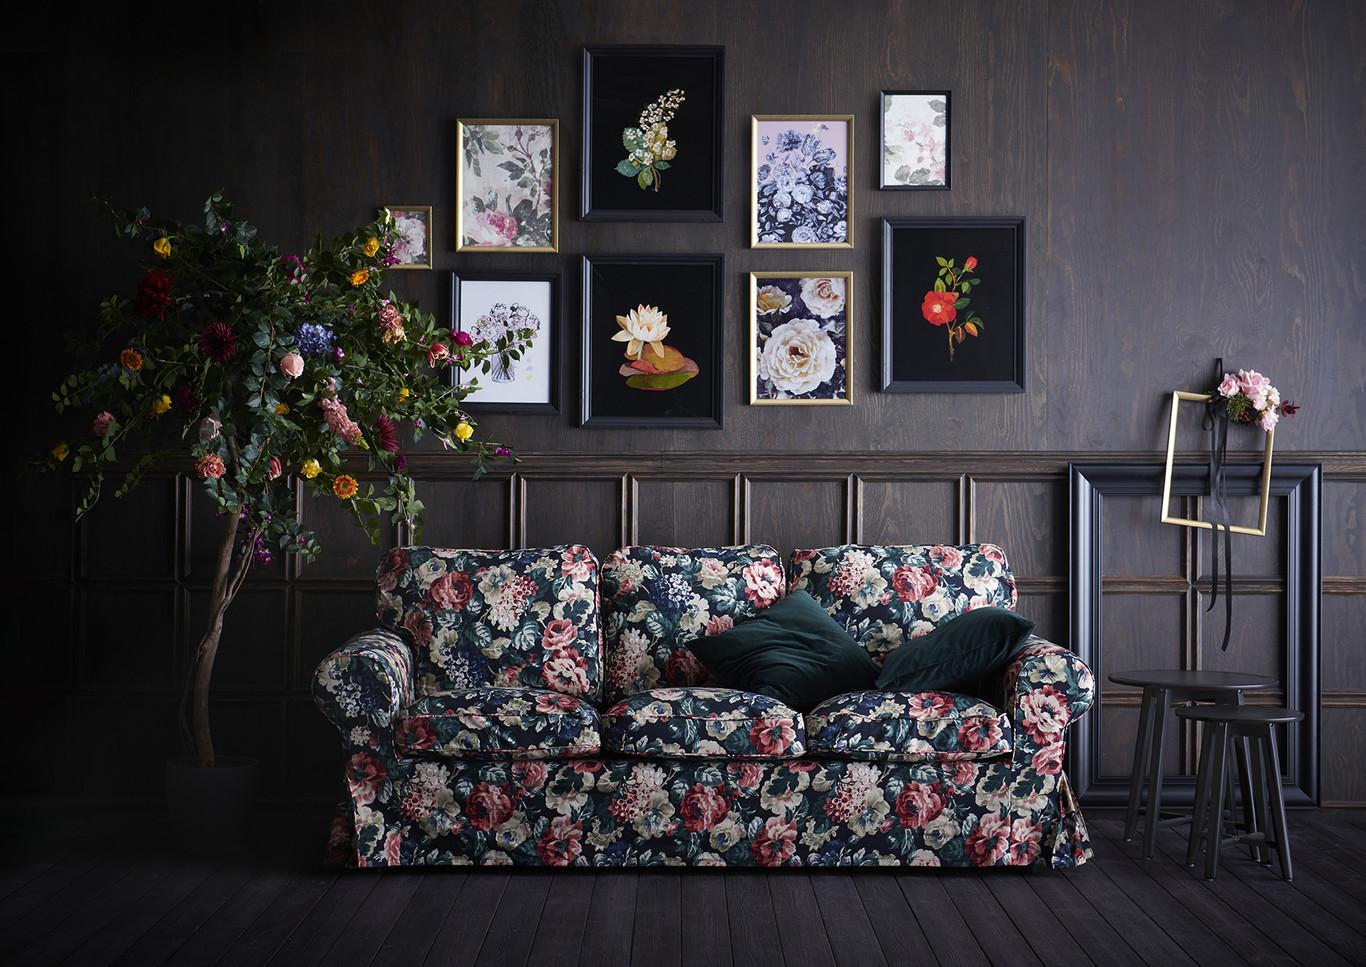 novedad catálogo ikea 2020 salón sofá estampado flores 3 plazas EKTORP